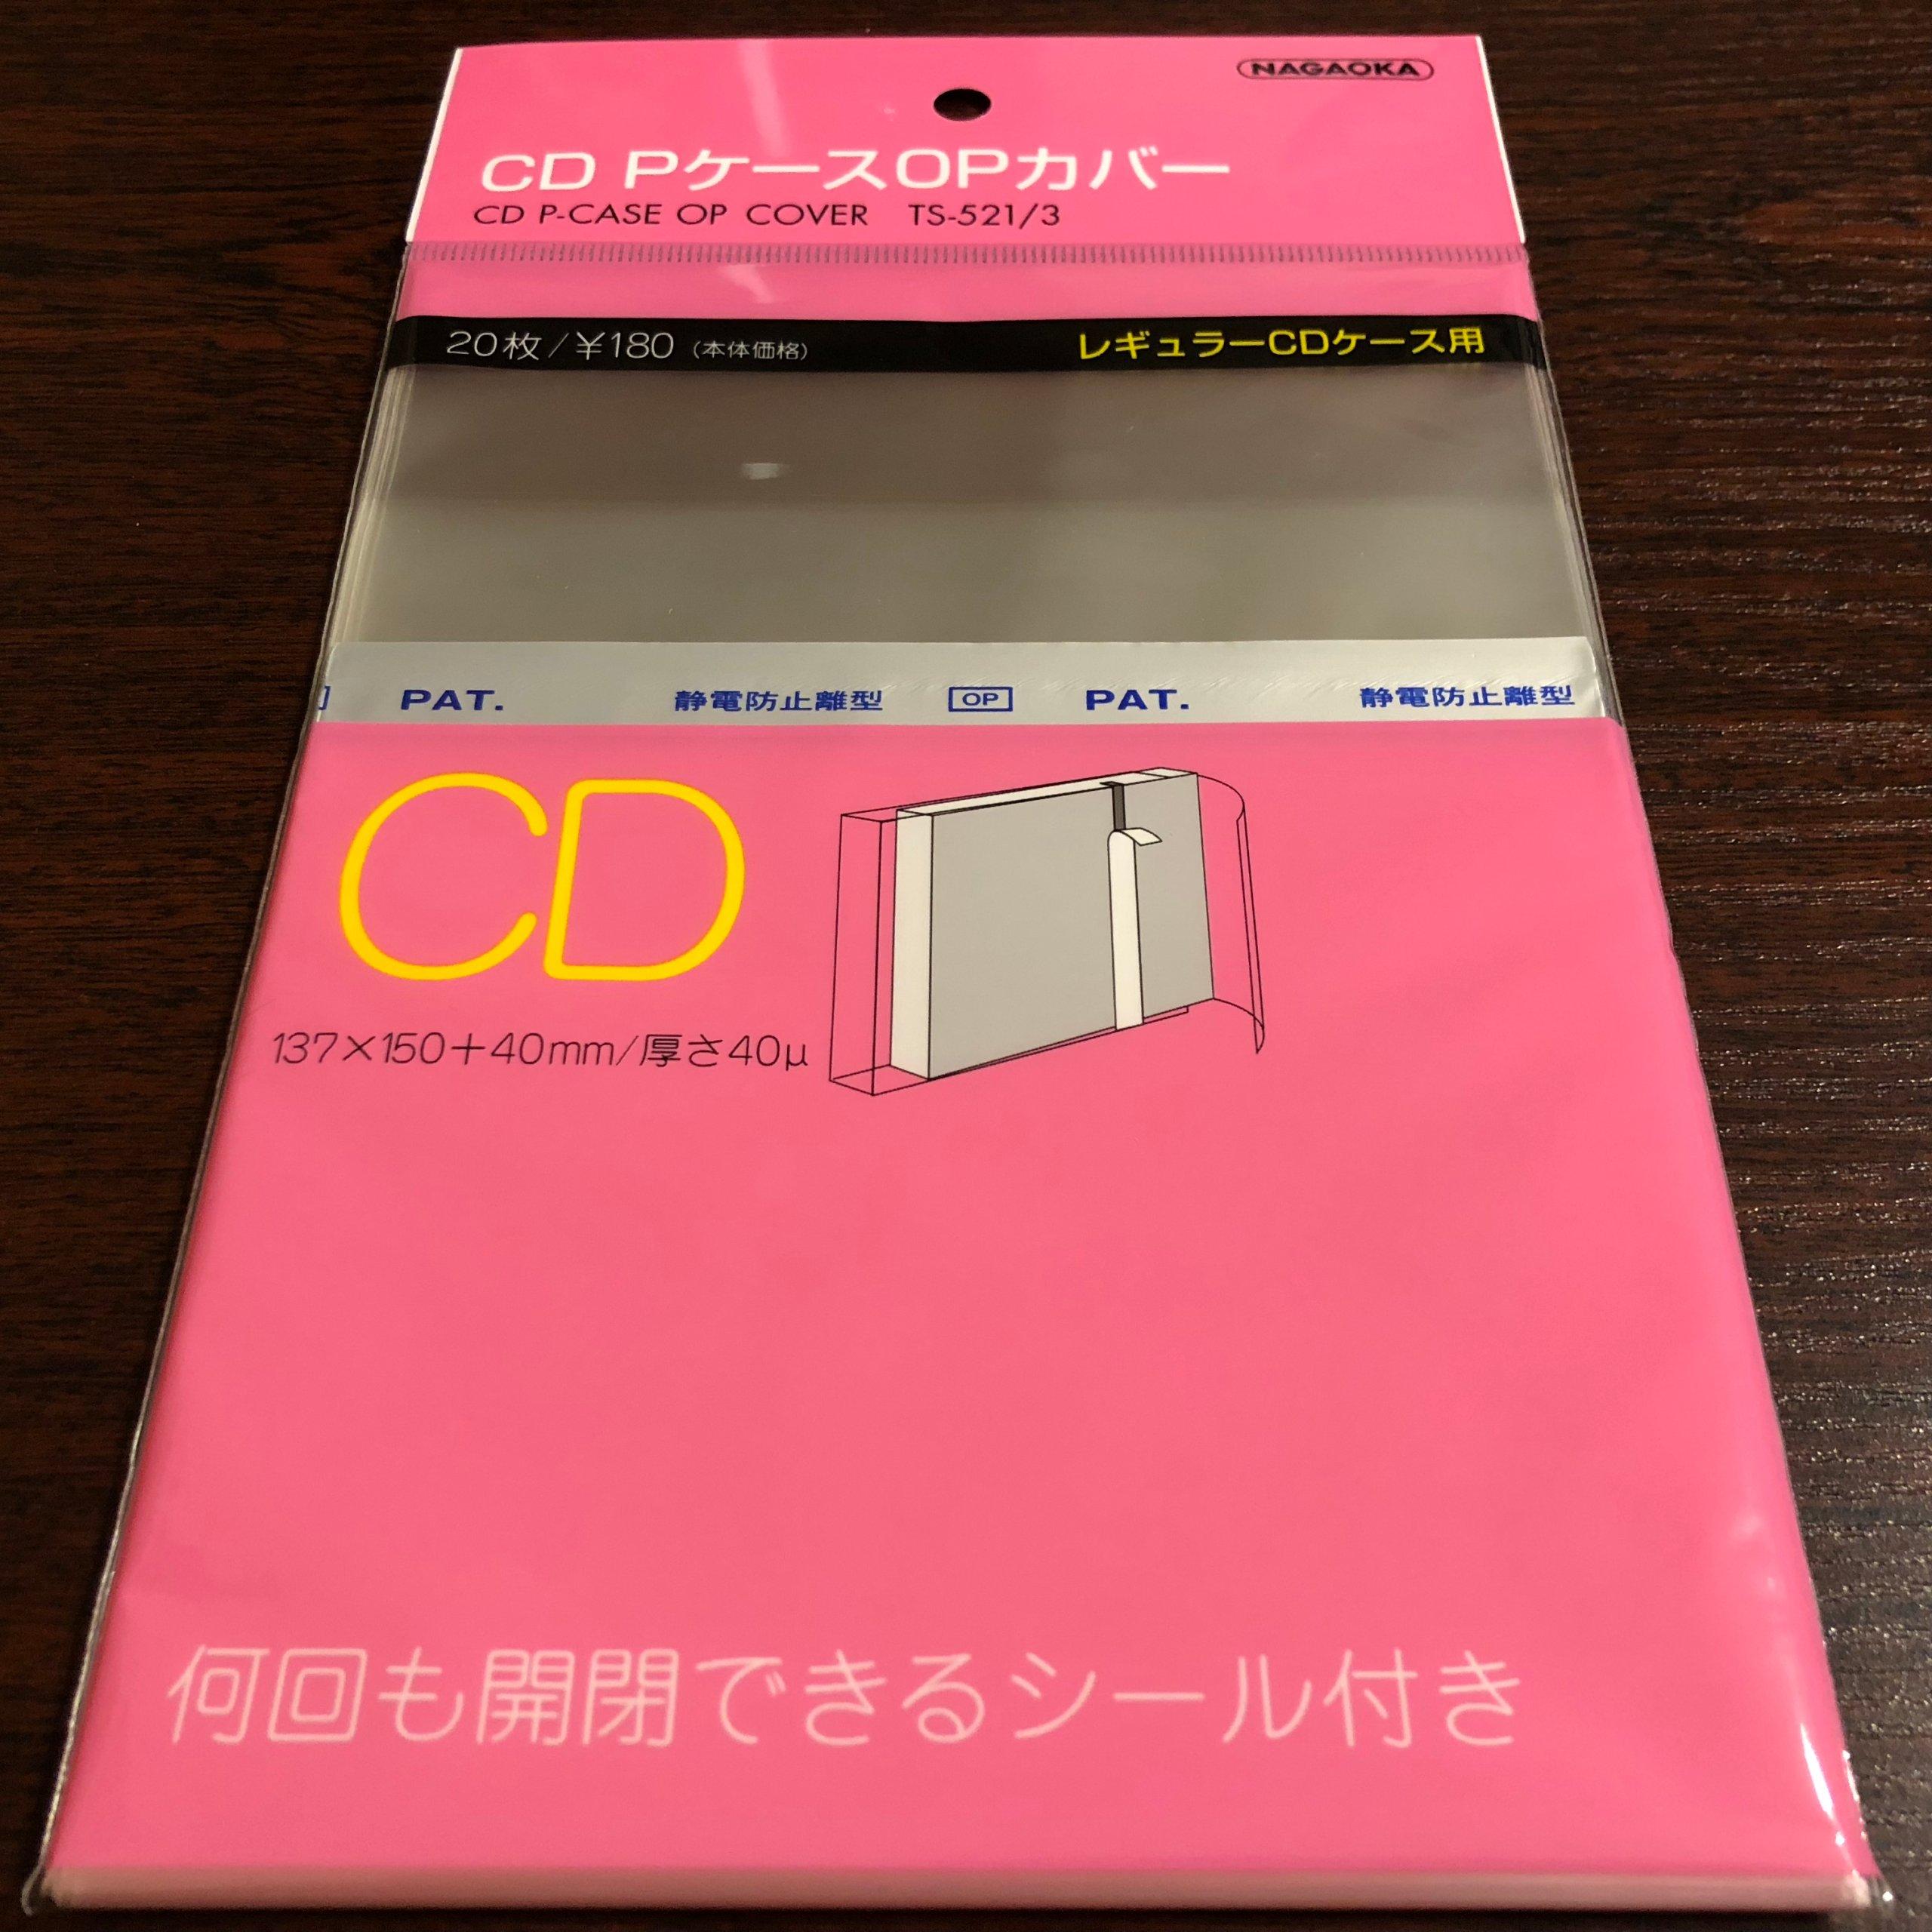 Item NAGAOKA folie/koszulki CD TS-521/3 JAPAN nowe